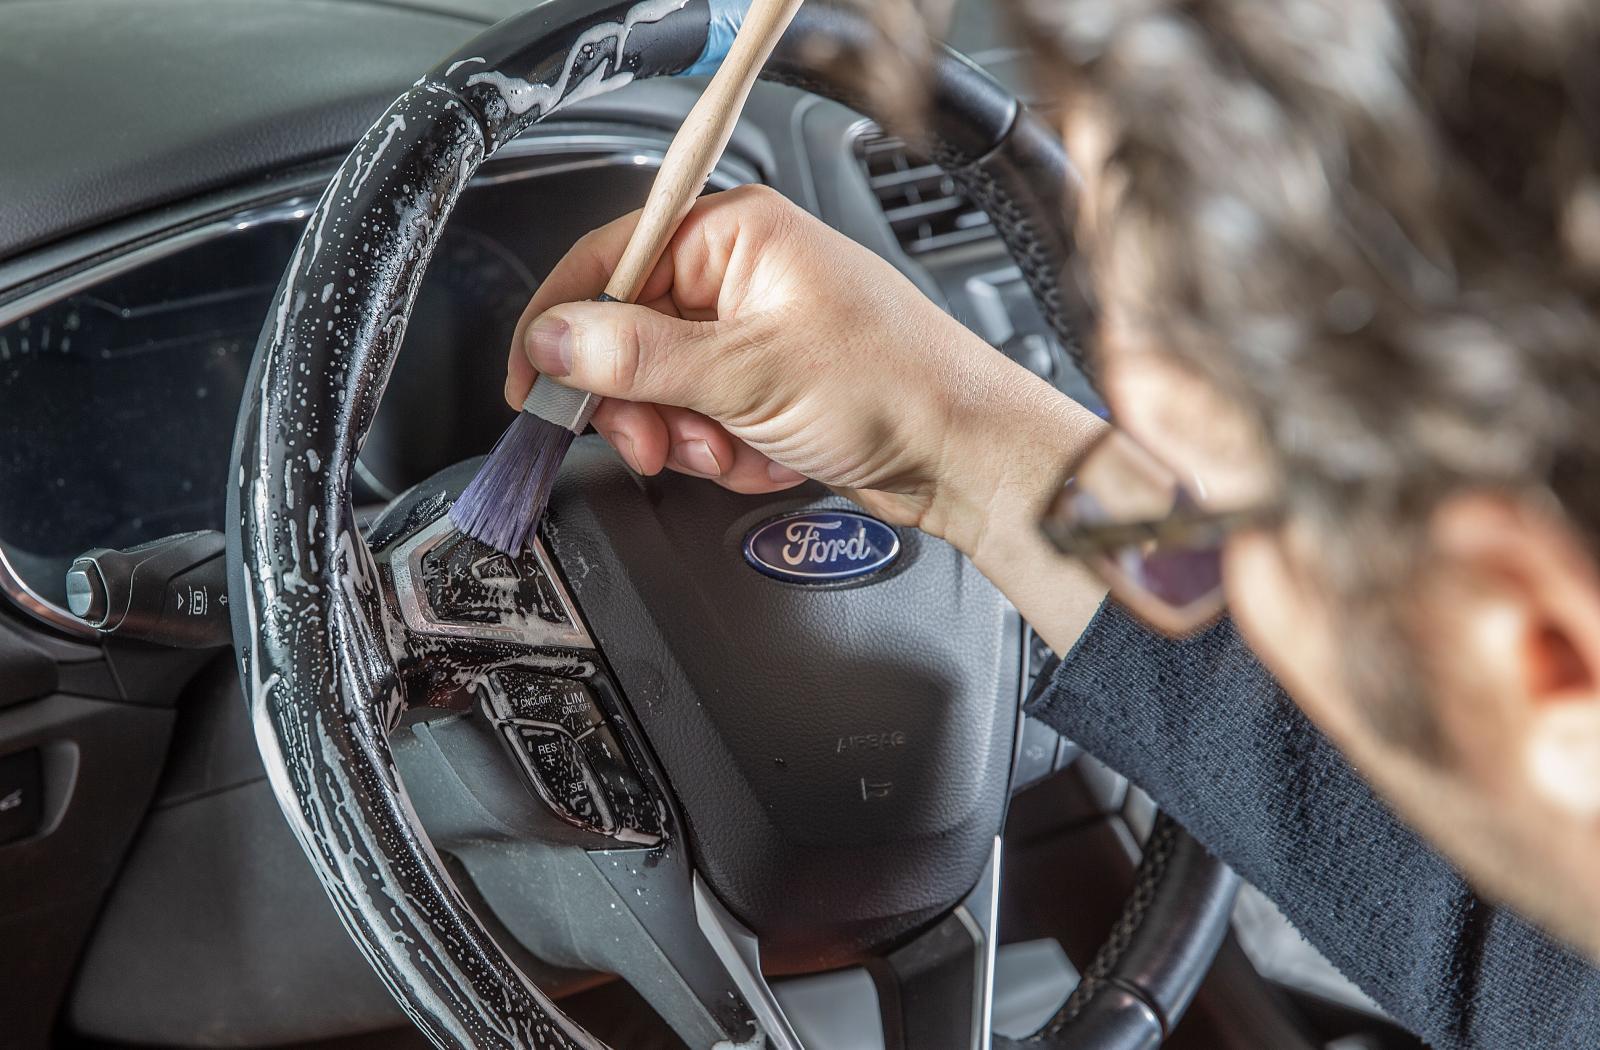 En mjuk pensel kommer åt bra och är skonsam mot ratten.